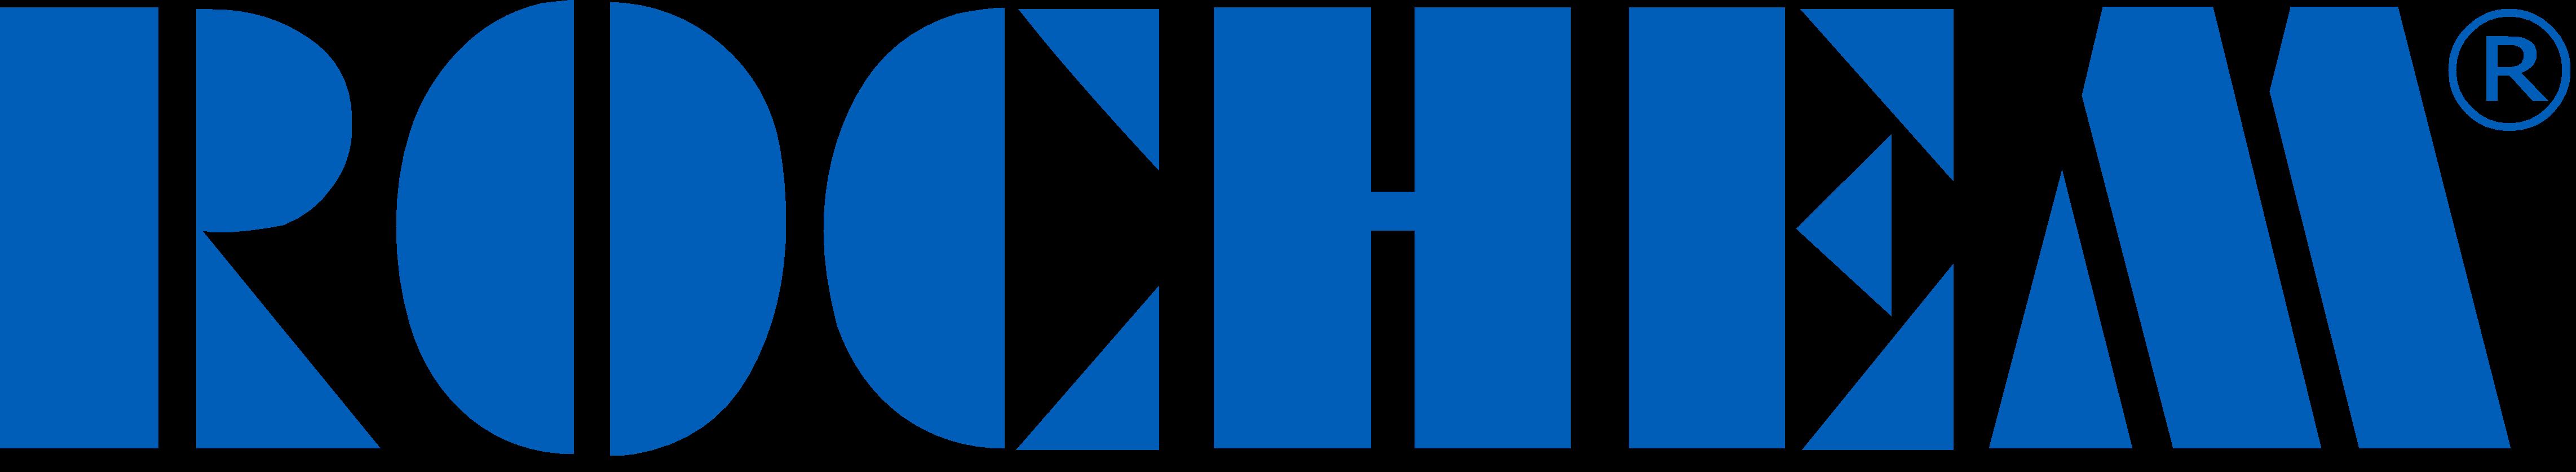 Rochem logo transp1